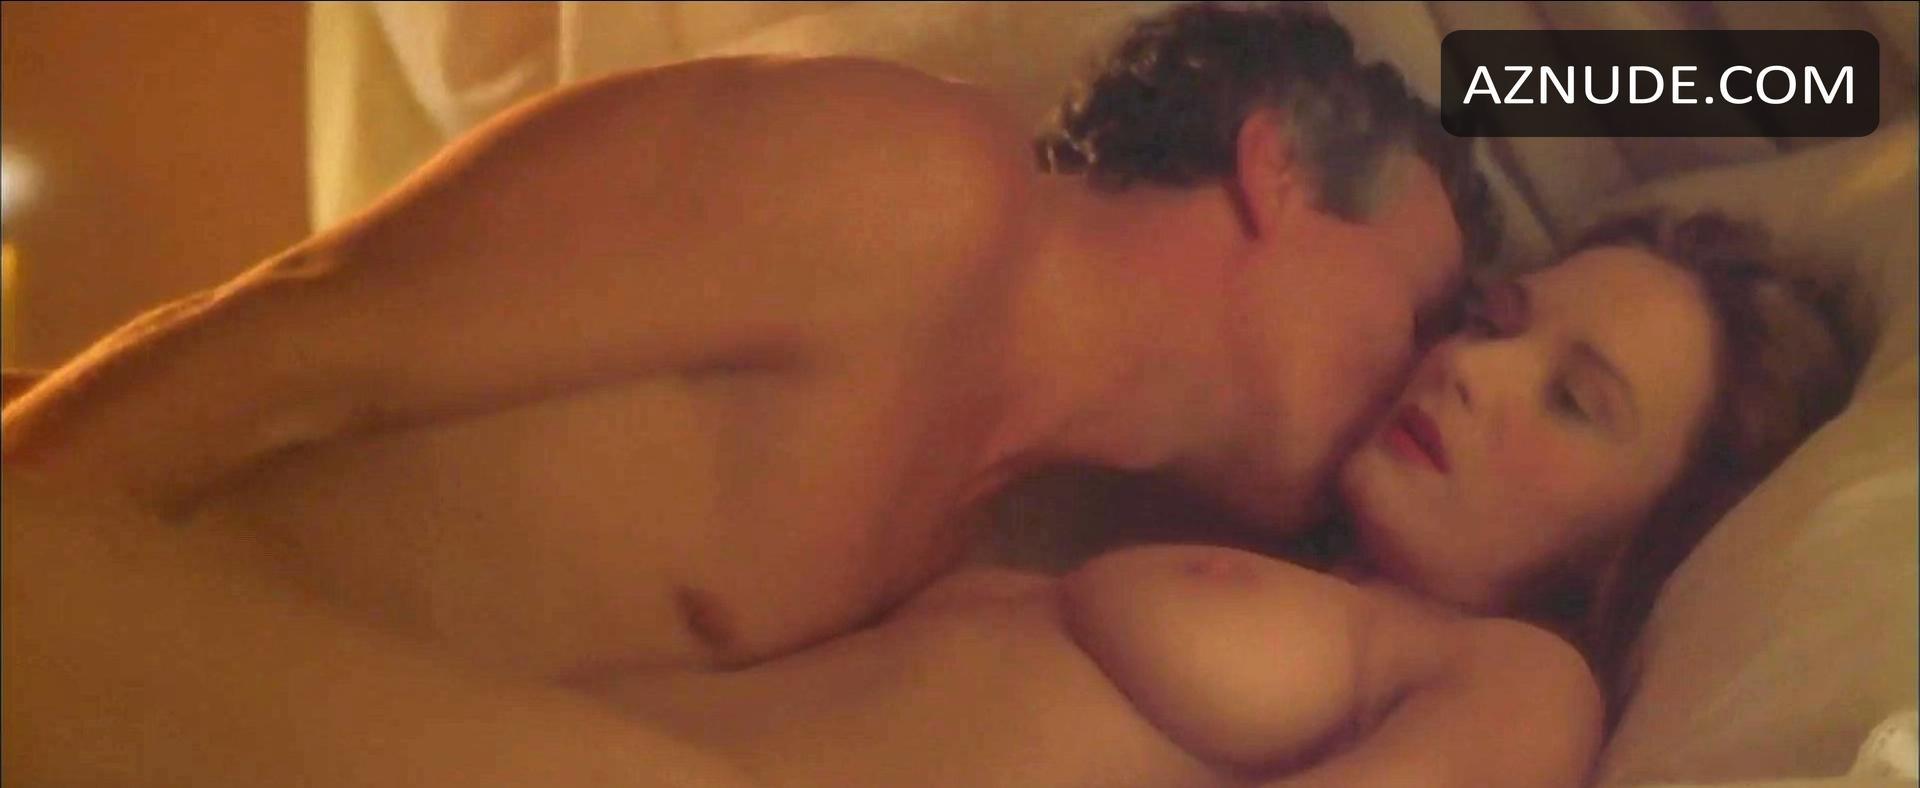 Nude beauty sex tape